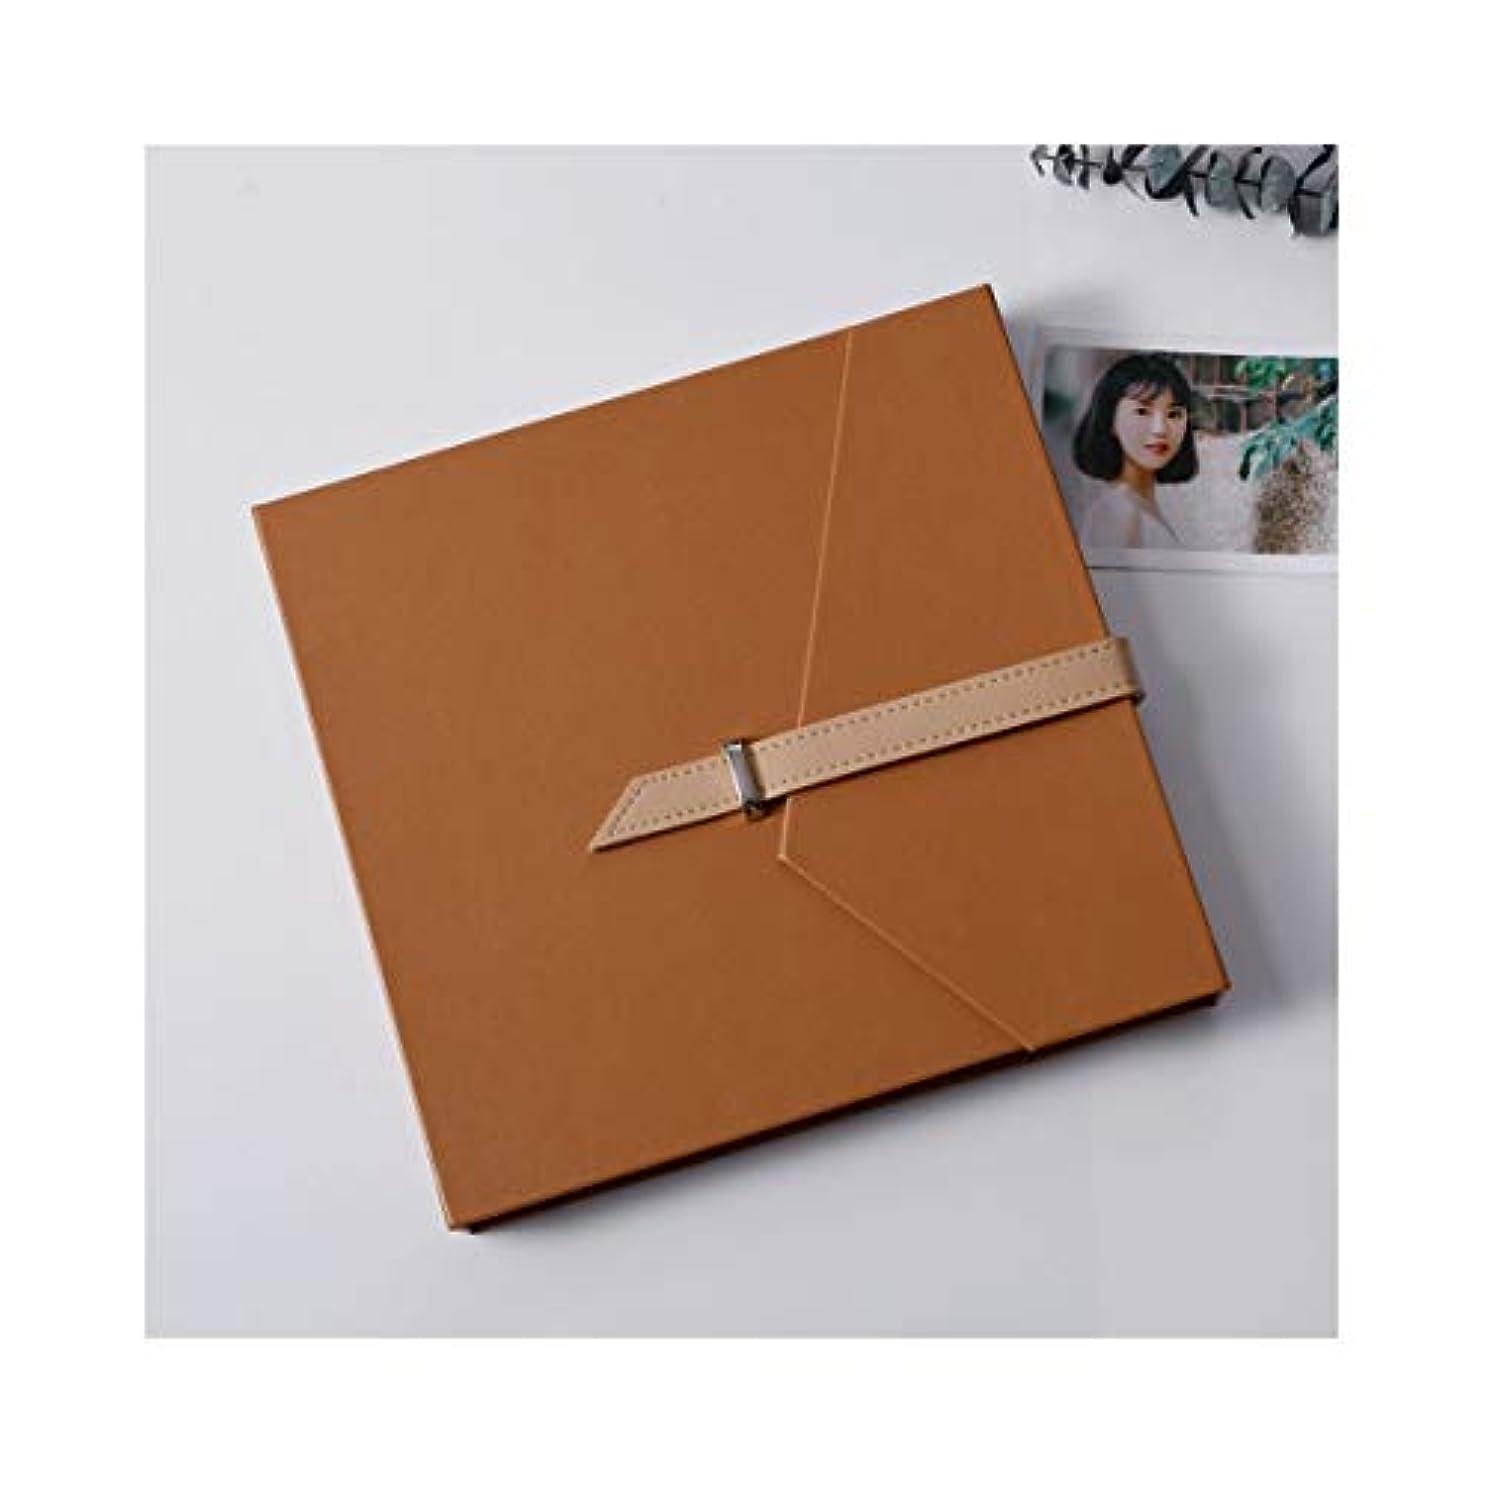 クマノミメッシュ旋律的LHSY ラミネートDiyアルバム、ペーストハンドメイドクリエイティブギフト、コレクションアルバム (Color : Brown)